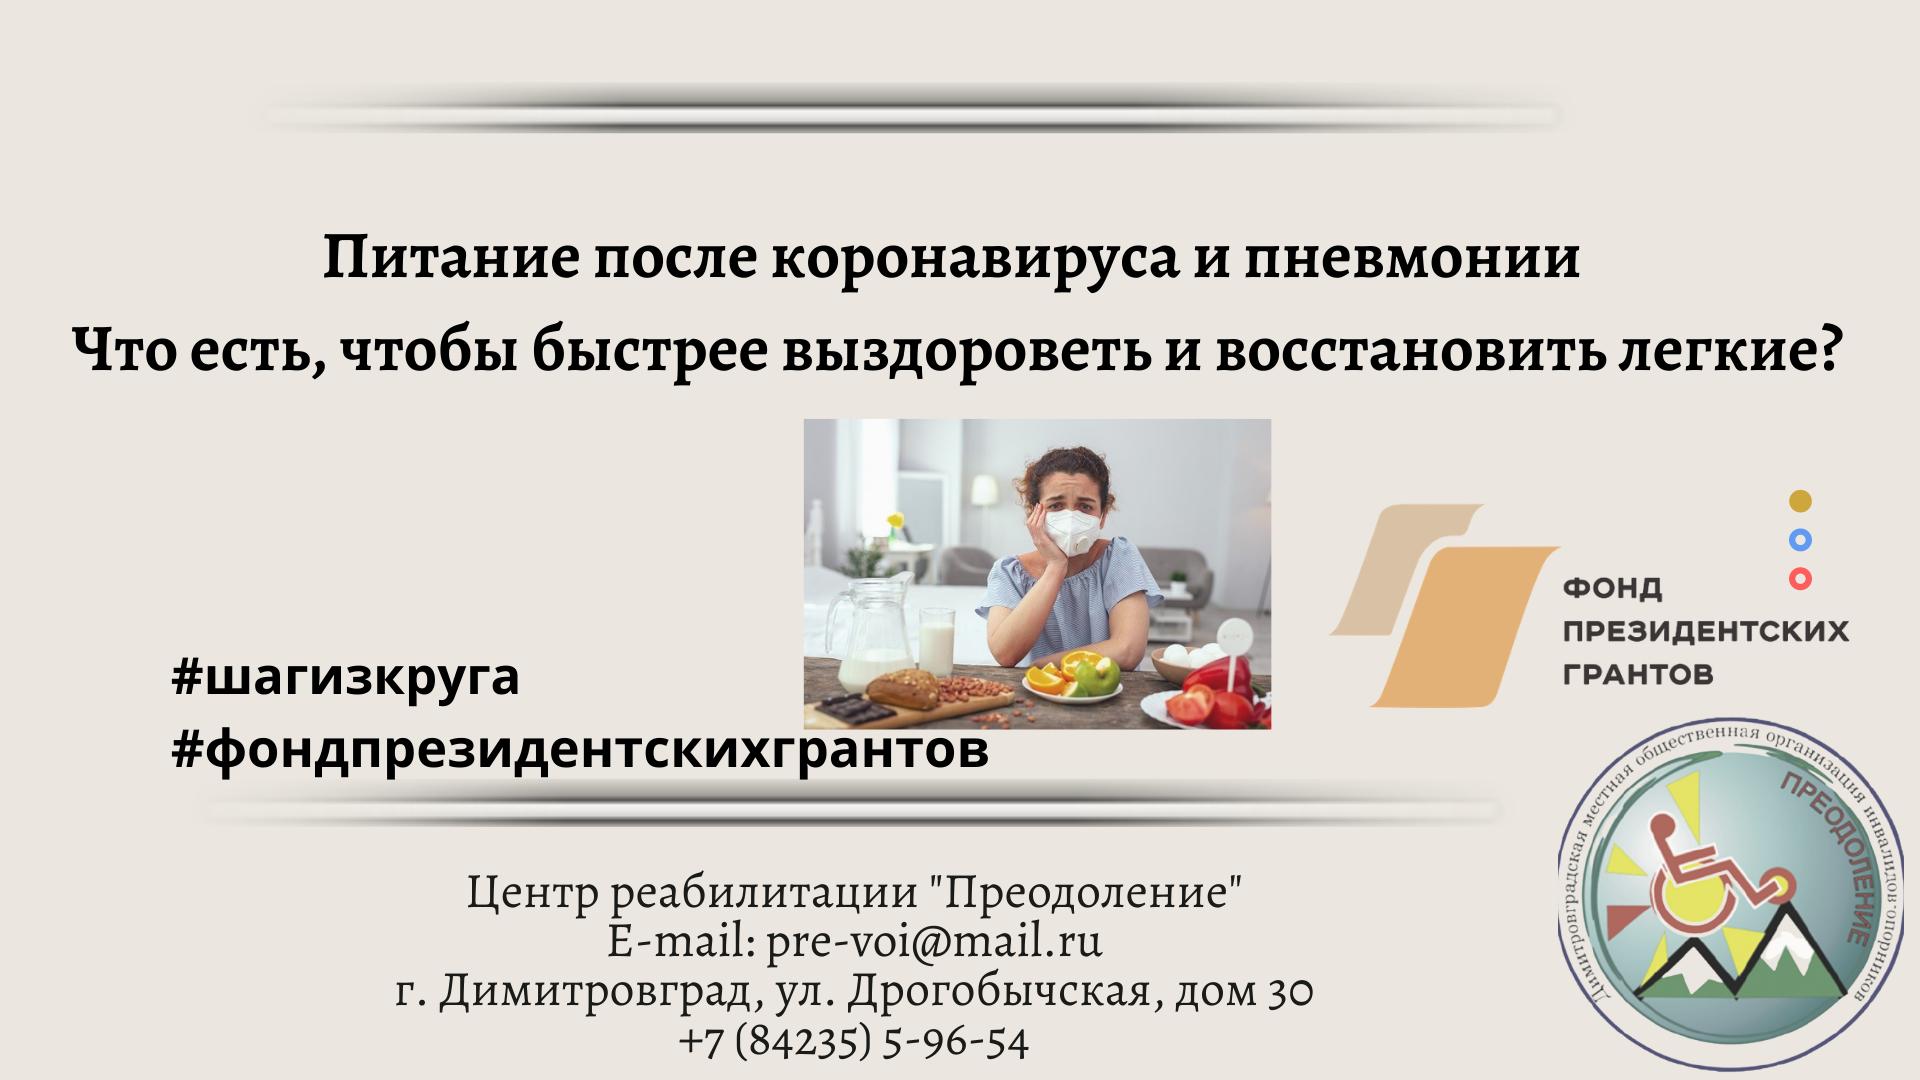 Питание после коронавируса и пневмонии Что есть, чтобы быстрее выздороветь и восстановить легкие?